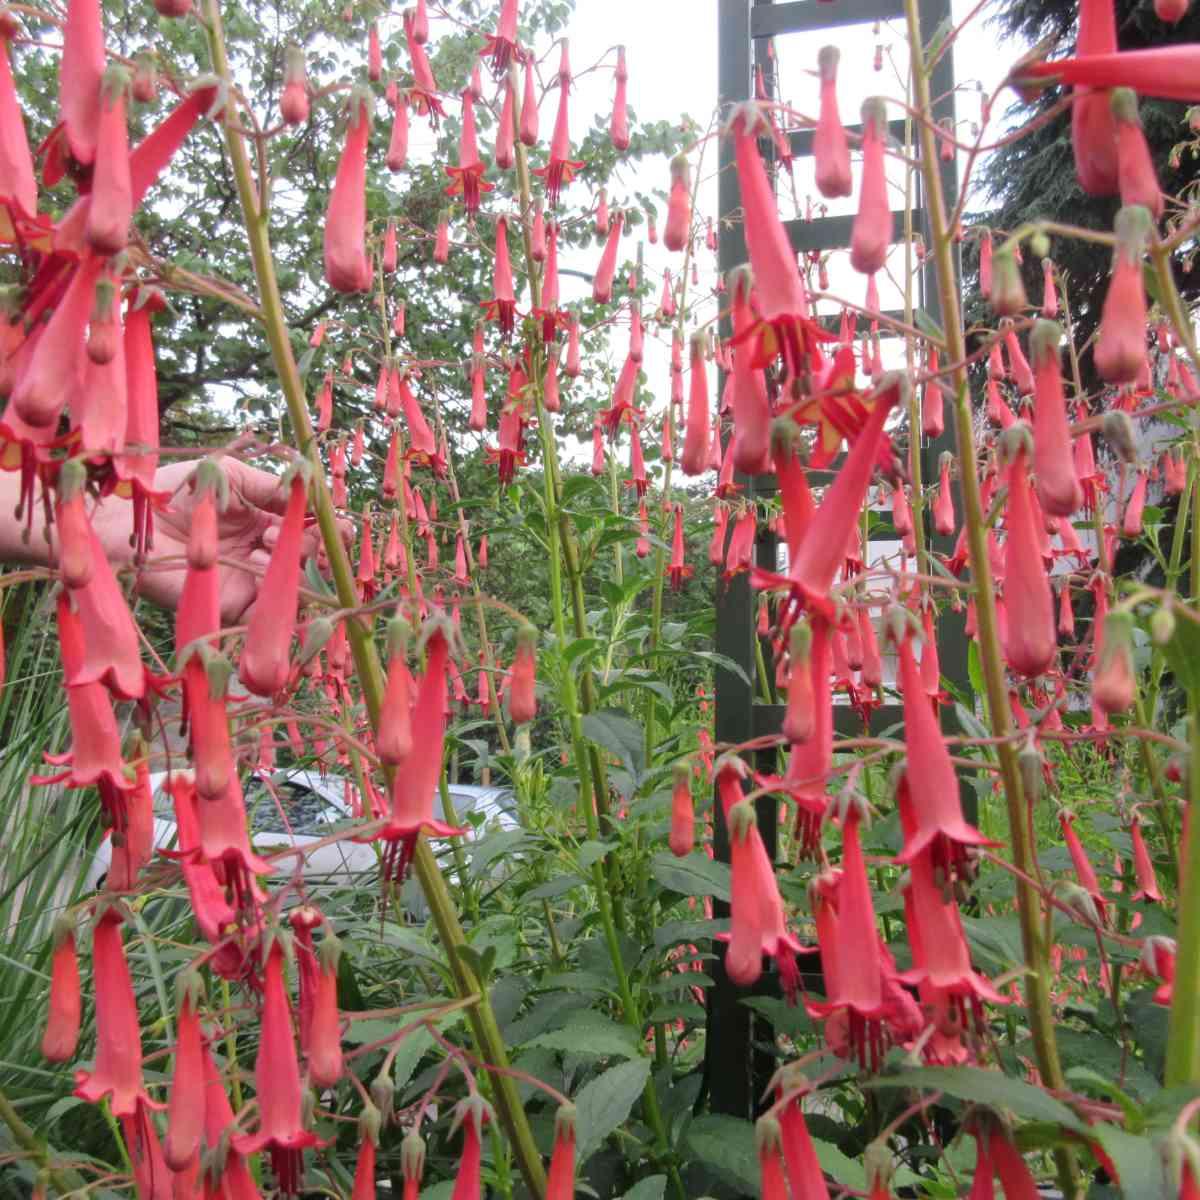 36 Décoration florale pour des évènements (mariage, anniversaire, etc.) | Aux Quatre Saisons à Boissy-Saint-Léger